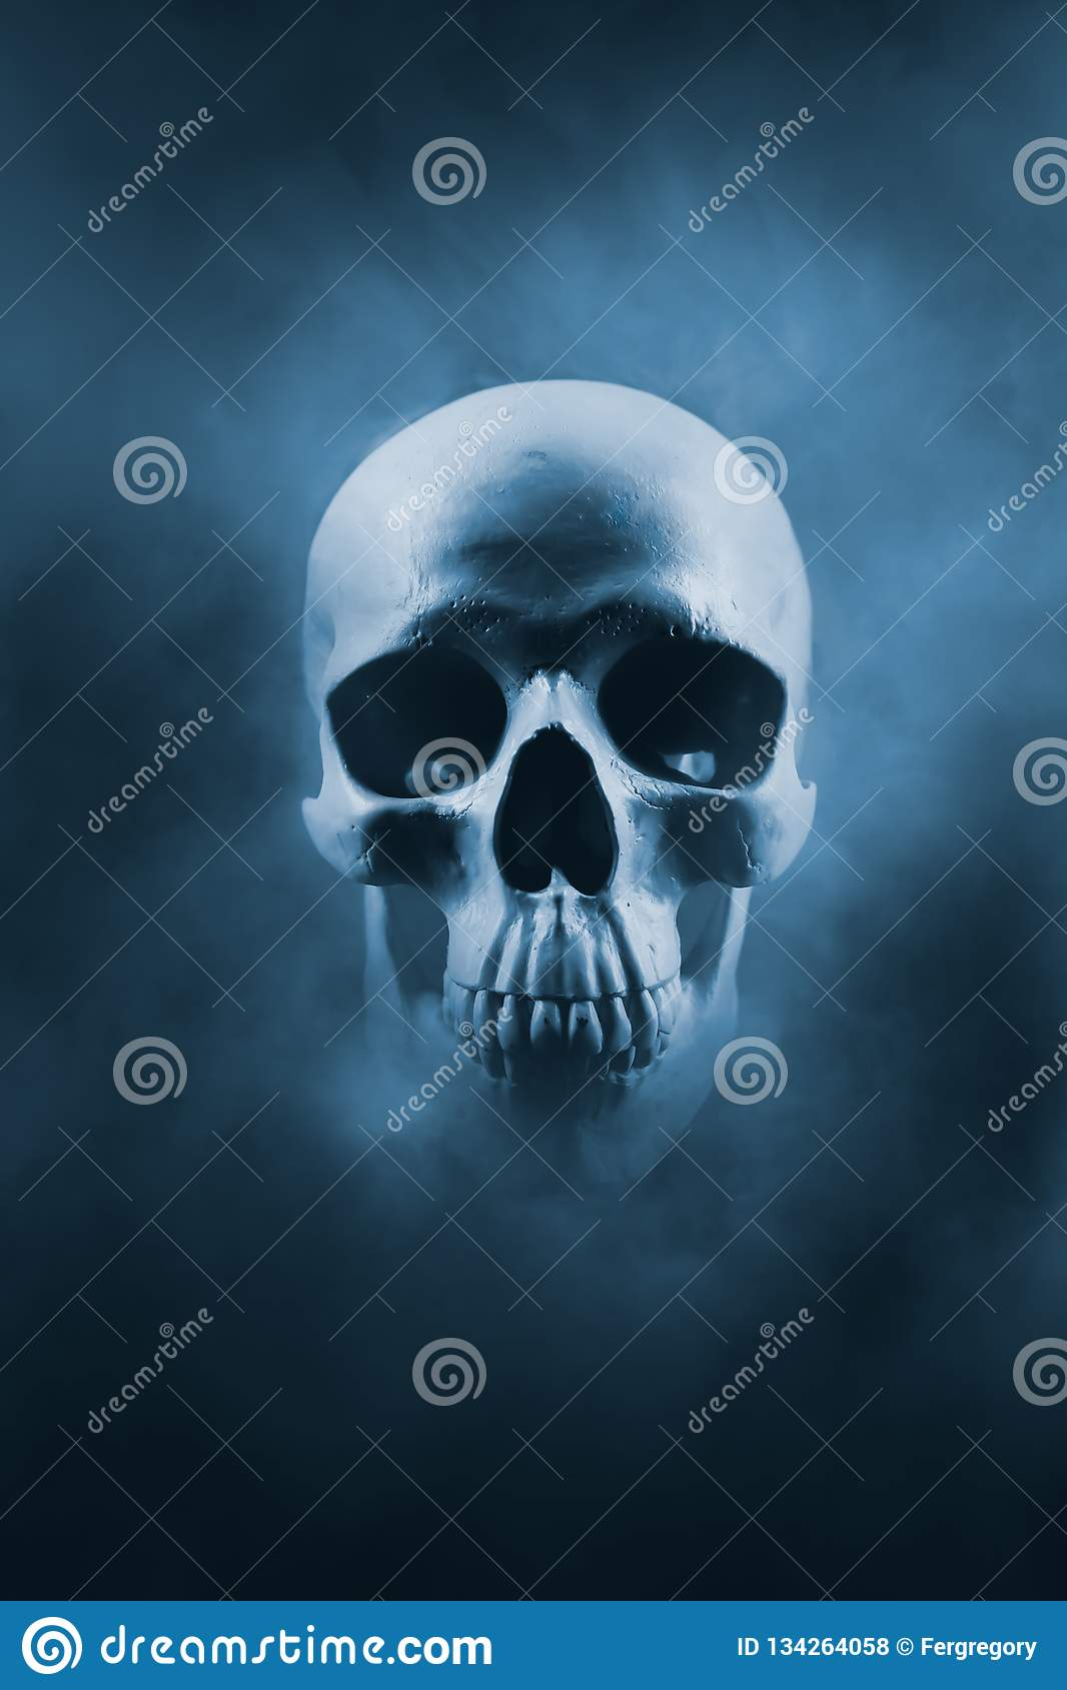 Immagine ad alto contrasto di un cranio in una nuvola di fumo